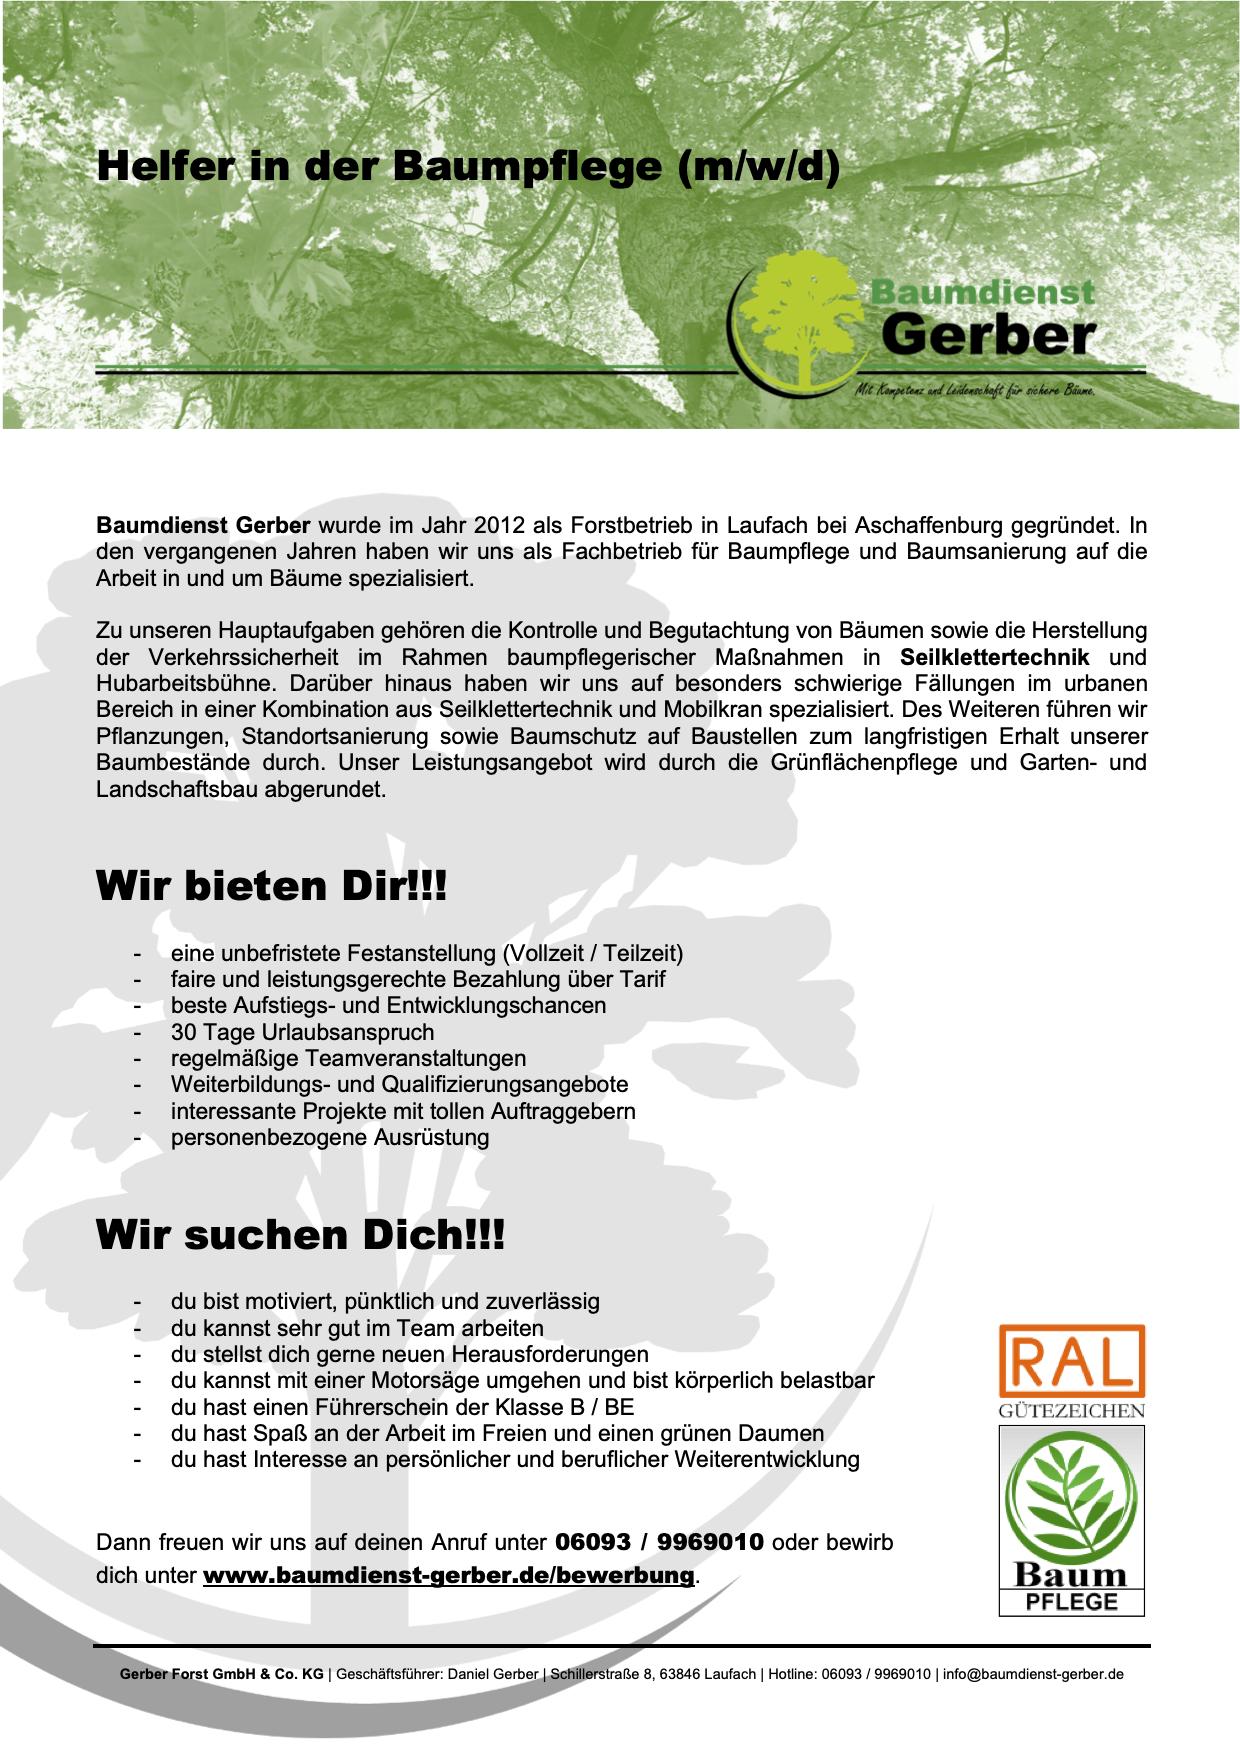 Forstwirt Gärtner Landschaftsgärtner Baumpflege Forstbetrieb Aschaffenburg